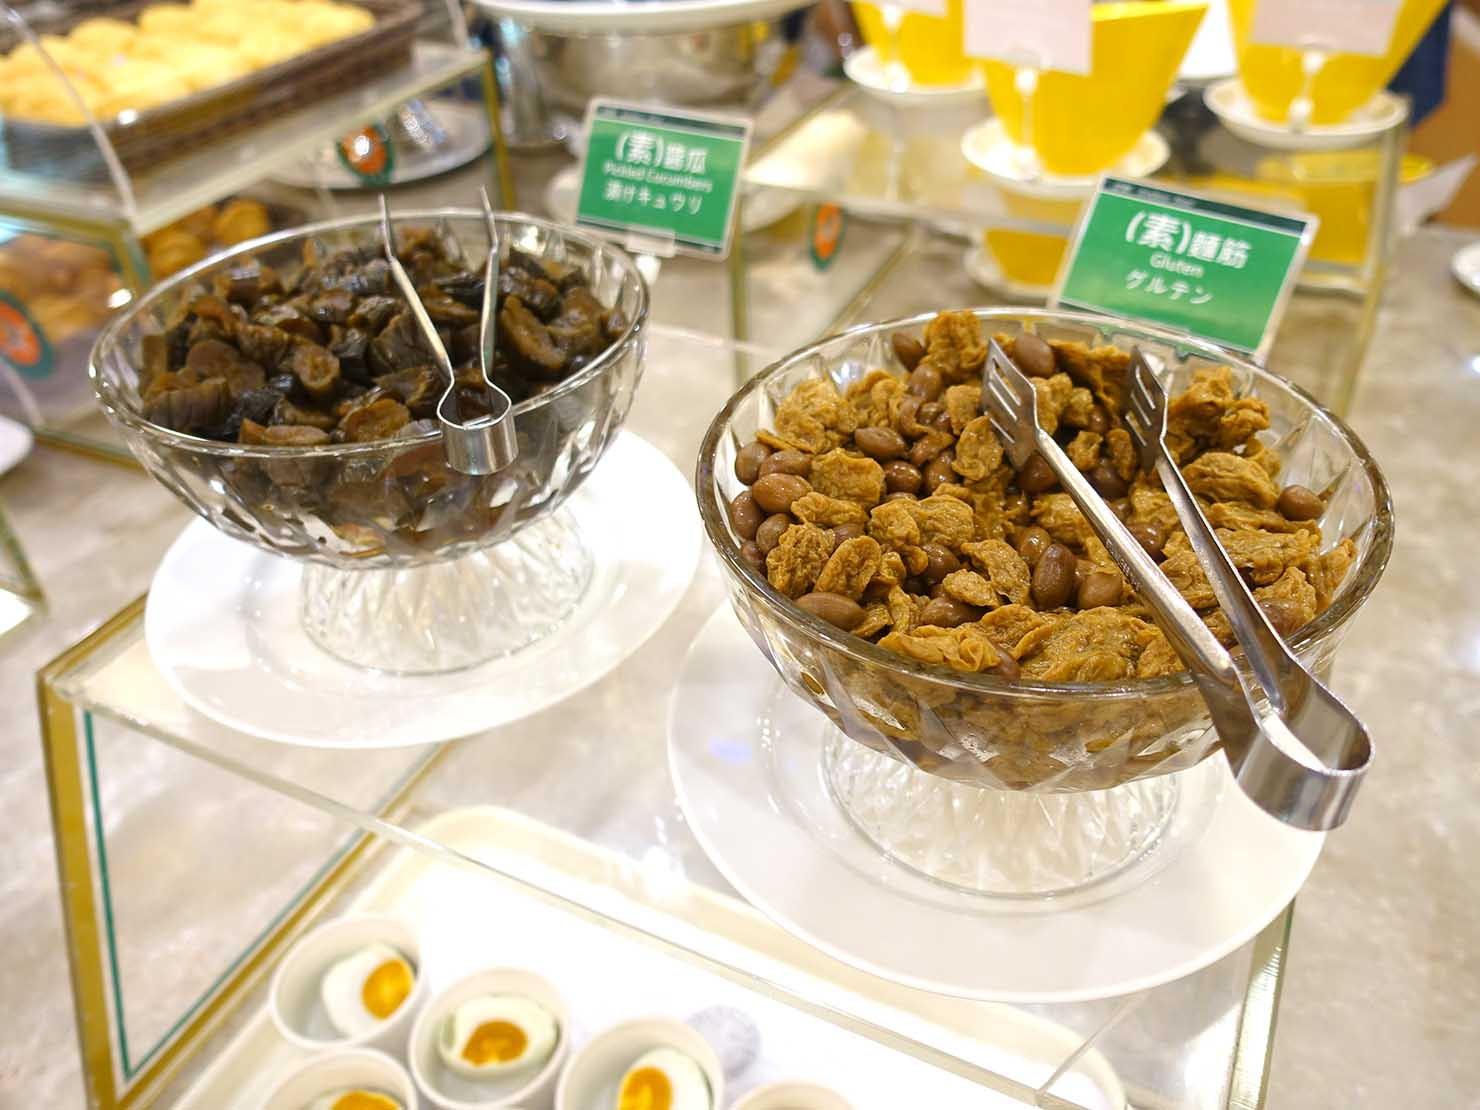 高雄のおすすめチェーンホテル「康橋商旅 Kindness Hotel(漢神館)」朝食ビュッフェのおかゆのお供